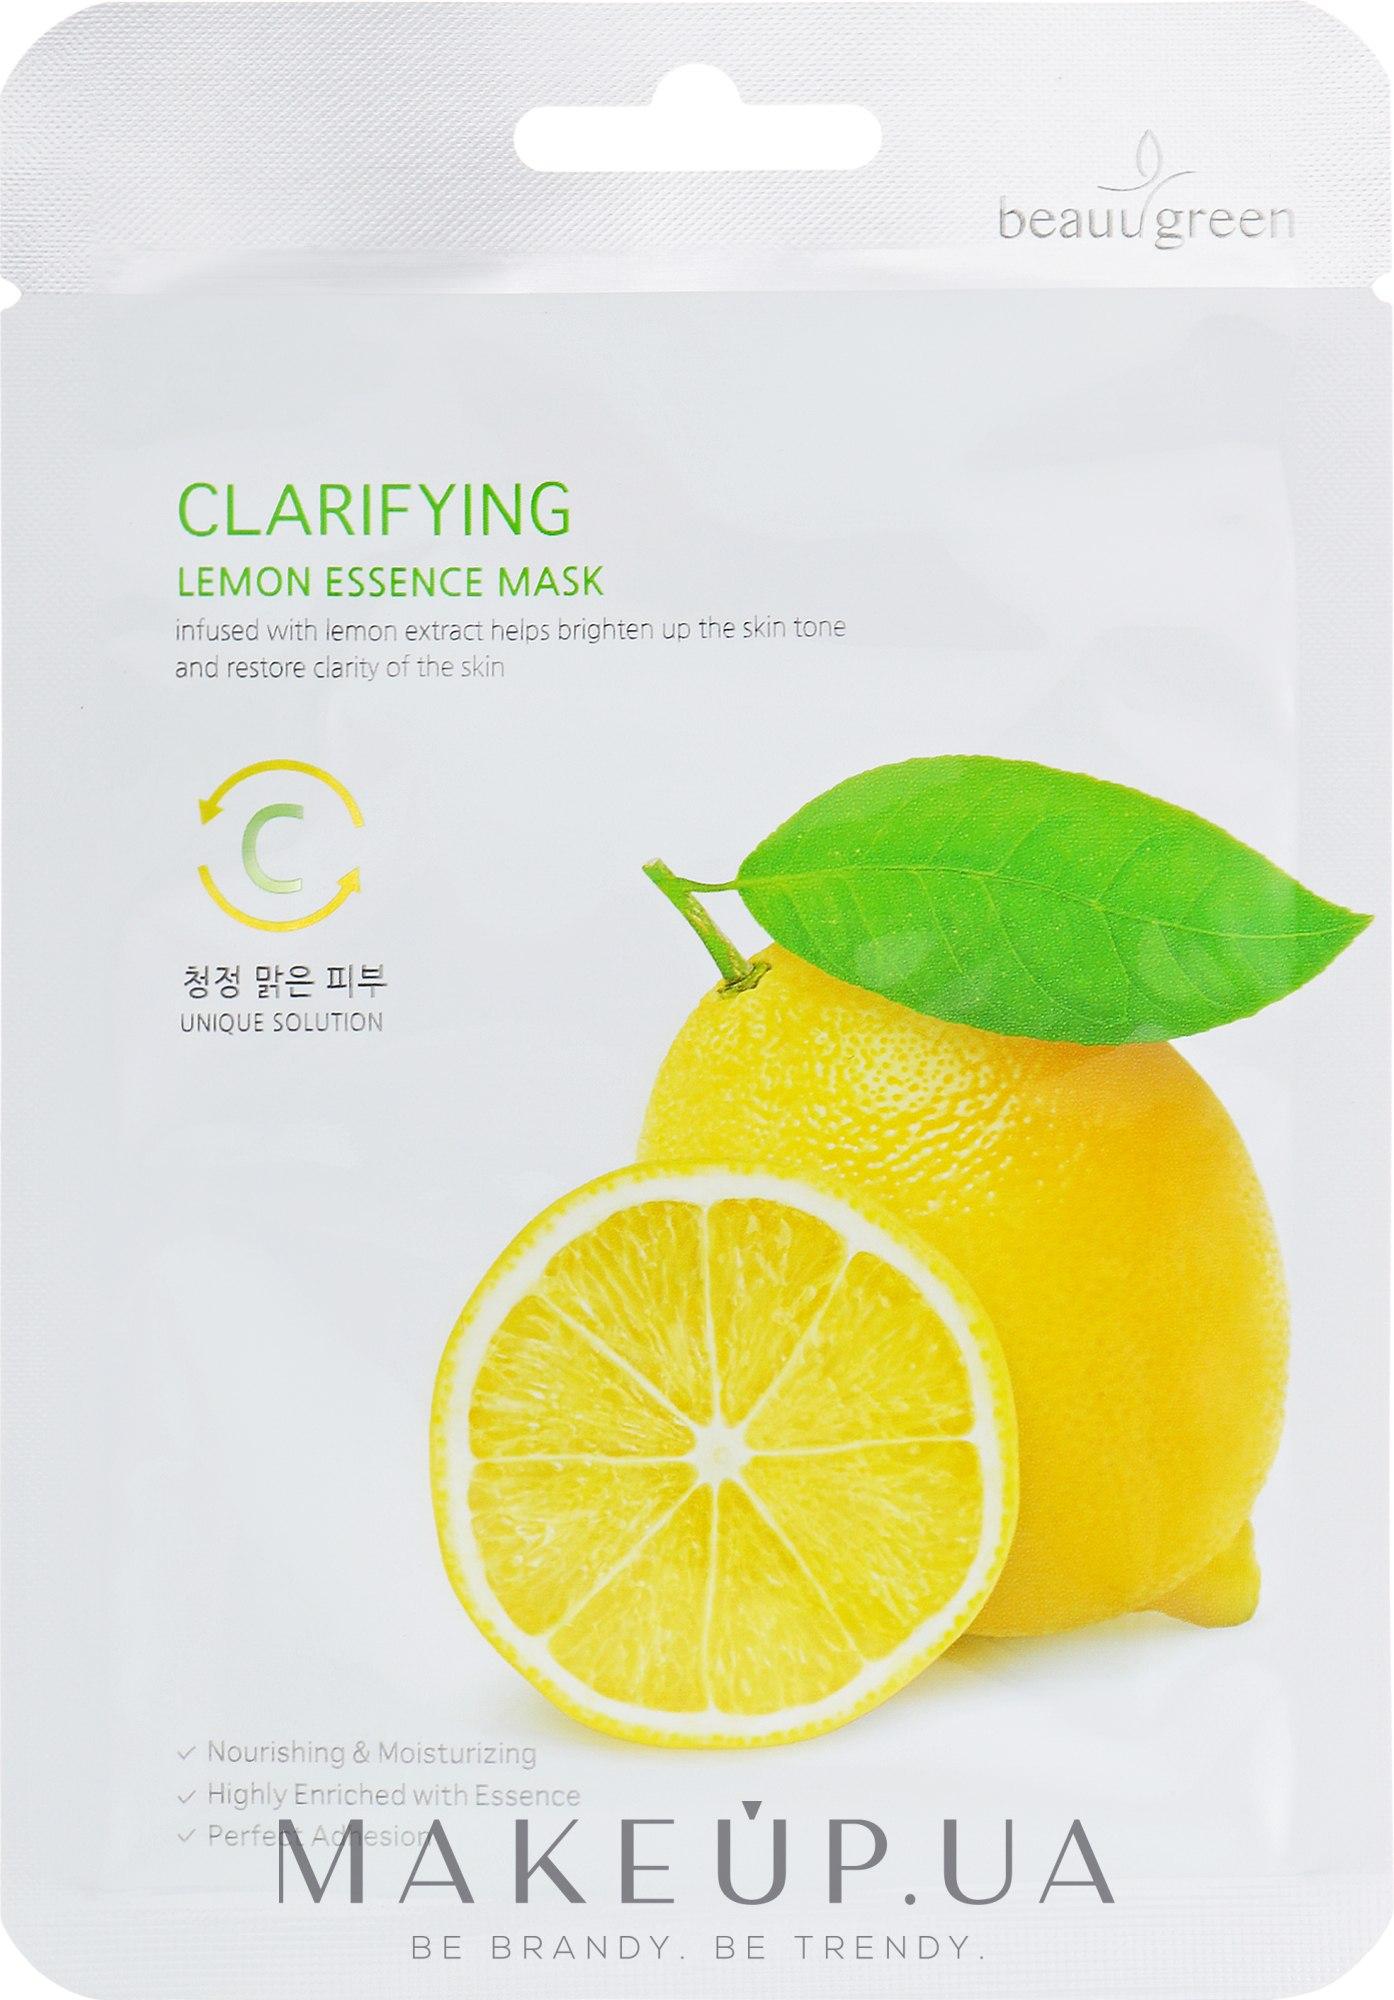 Очищающая тканевая маска для лица c экстрактом лимона - BeauuGreen Lemon Essence Mask — фото 23g